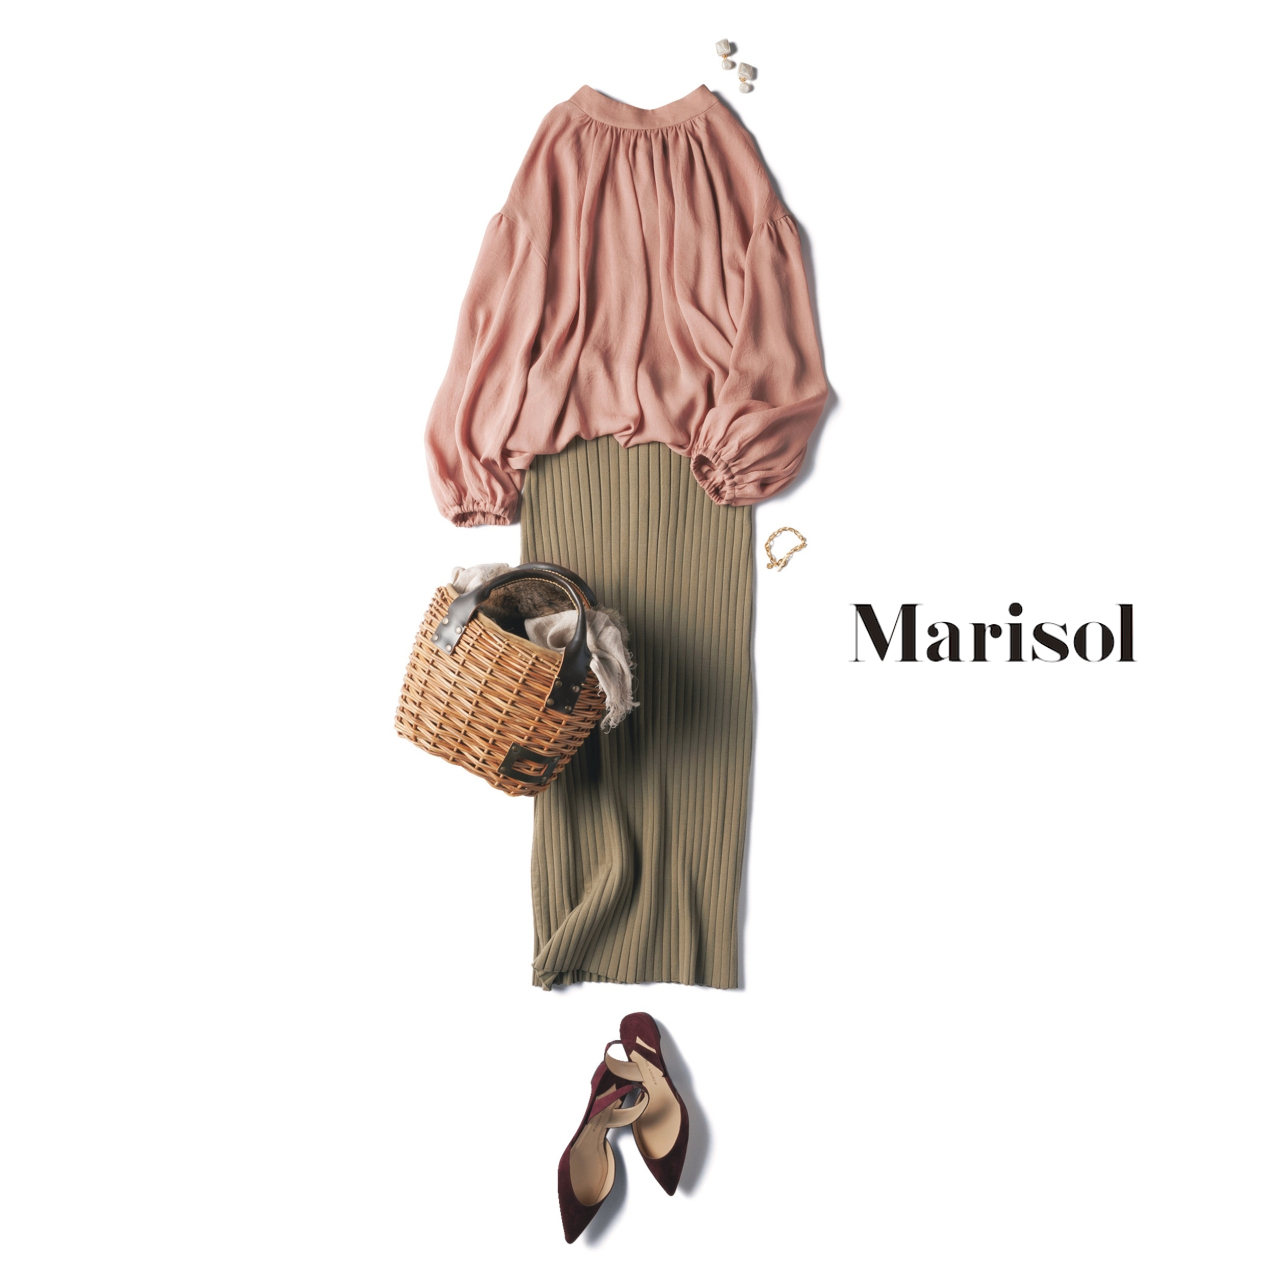 ファッション フェミニンピンクトップス×ワイドリブタイトスカートコーデ